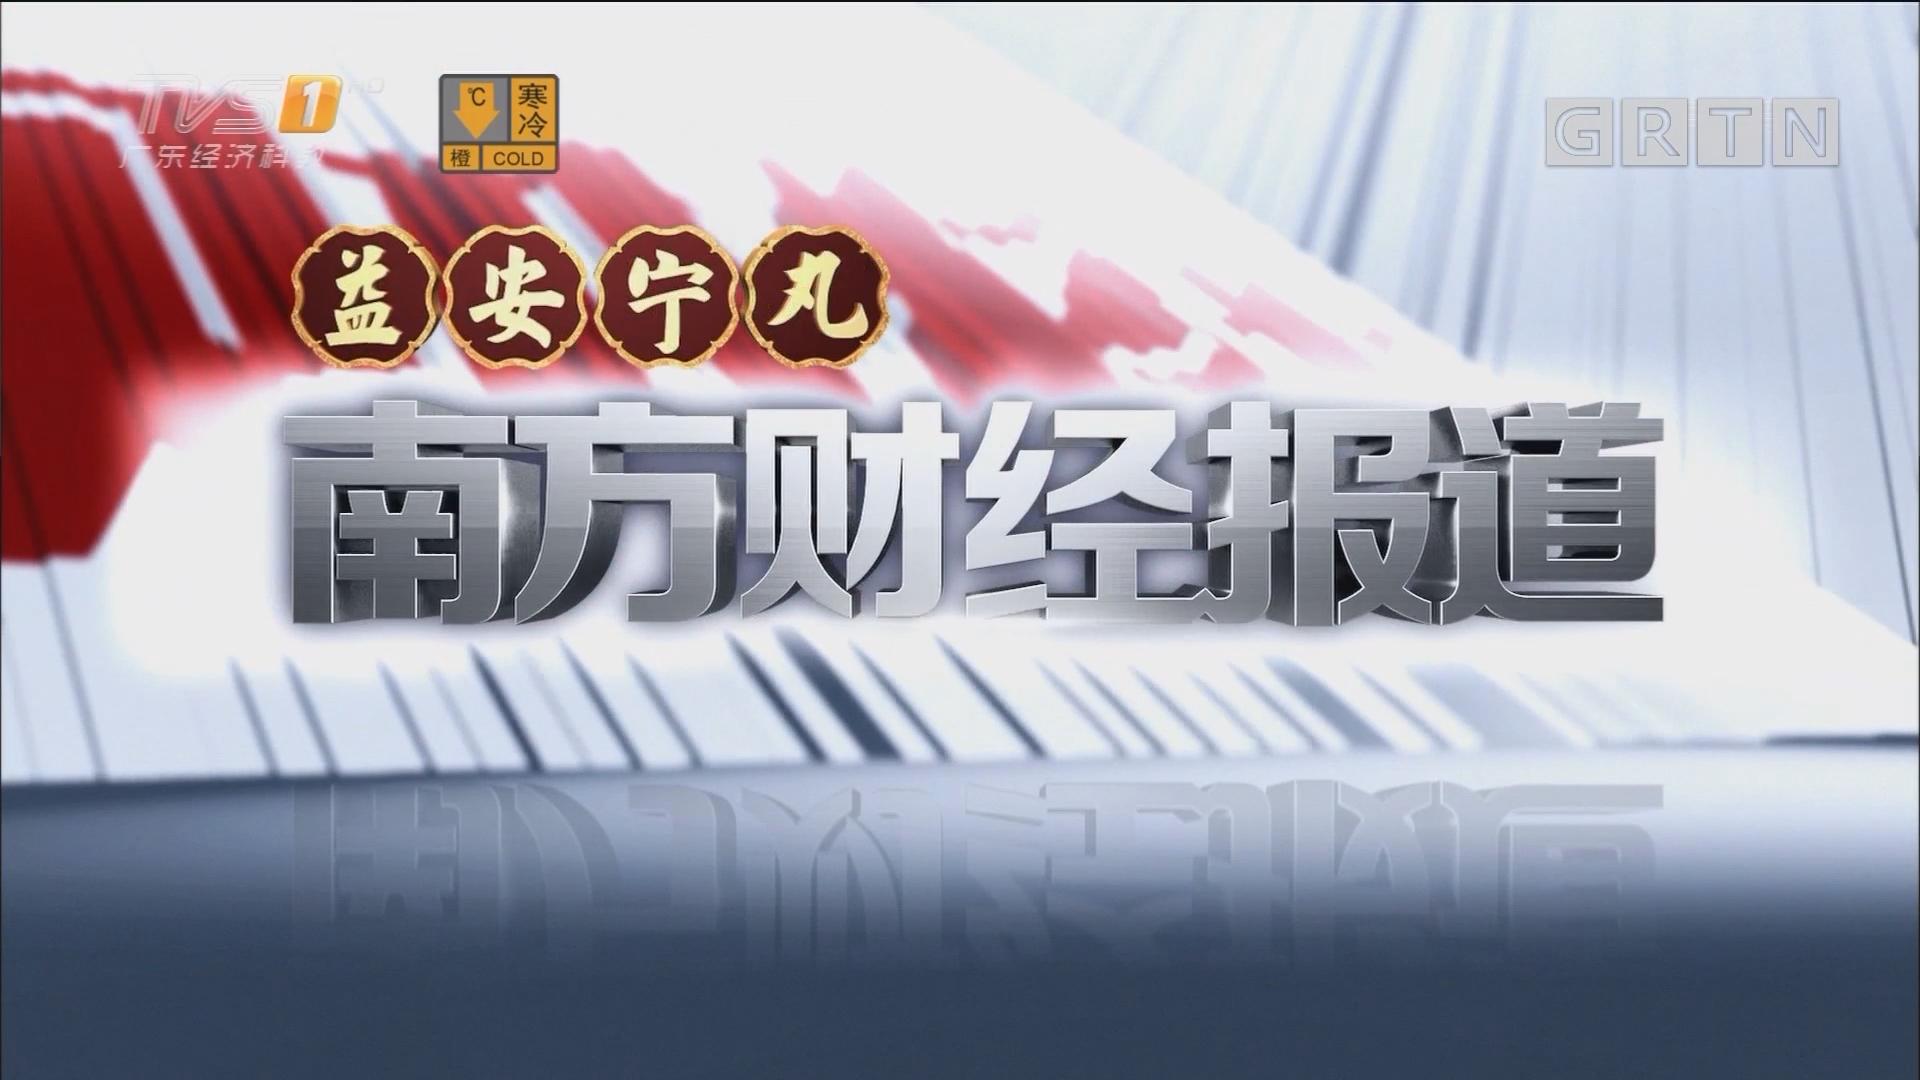 [HD][2018-01-30]南方财经报道: 白云机场春节接送800万人次 广深港高铁公布票价